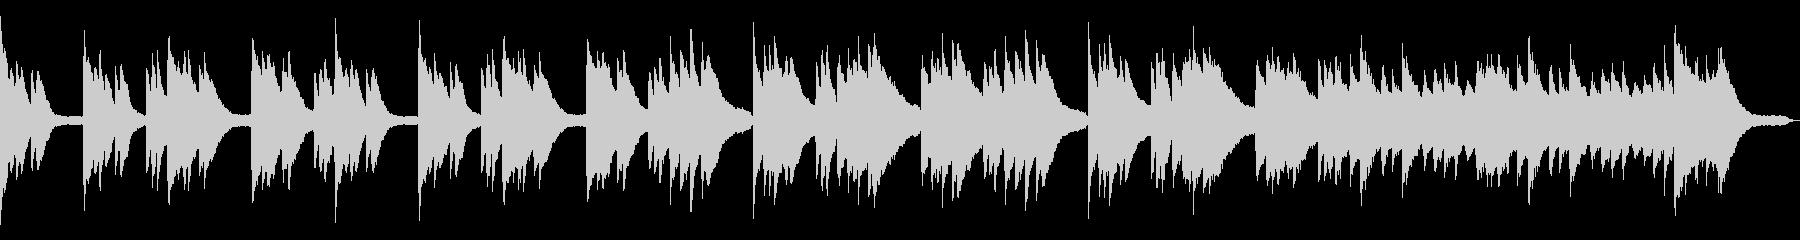 爽やかで使いやすいピアノソロループの未再生の波形